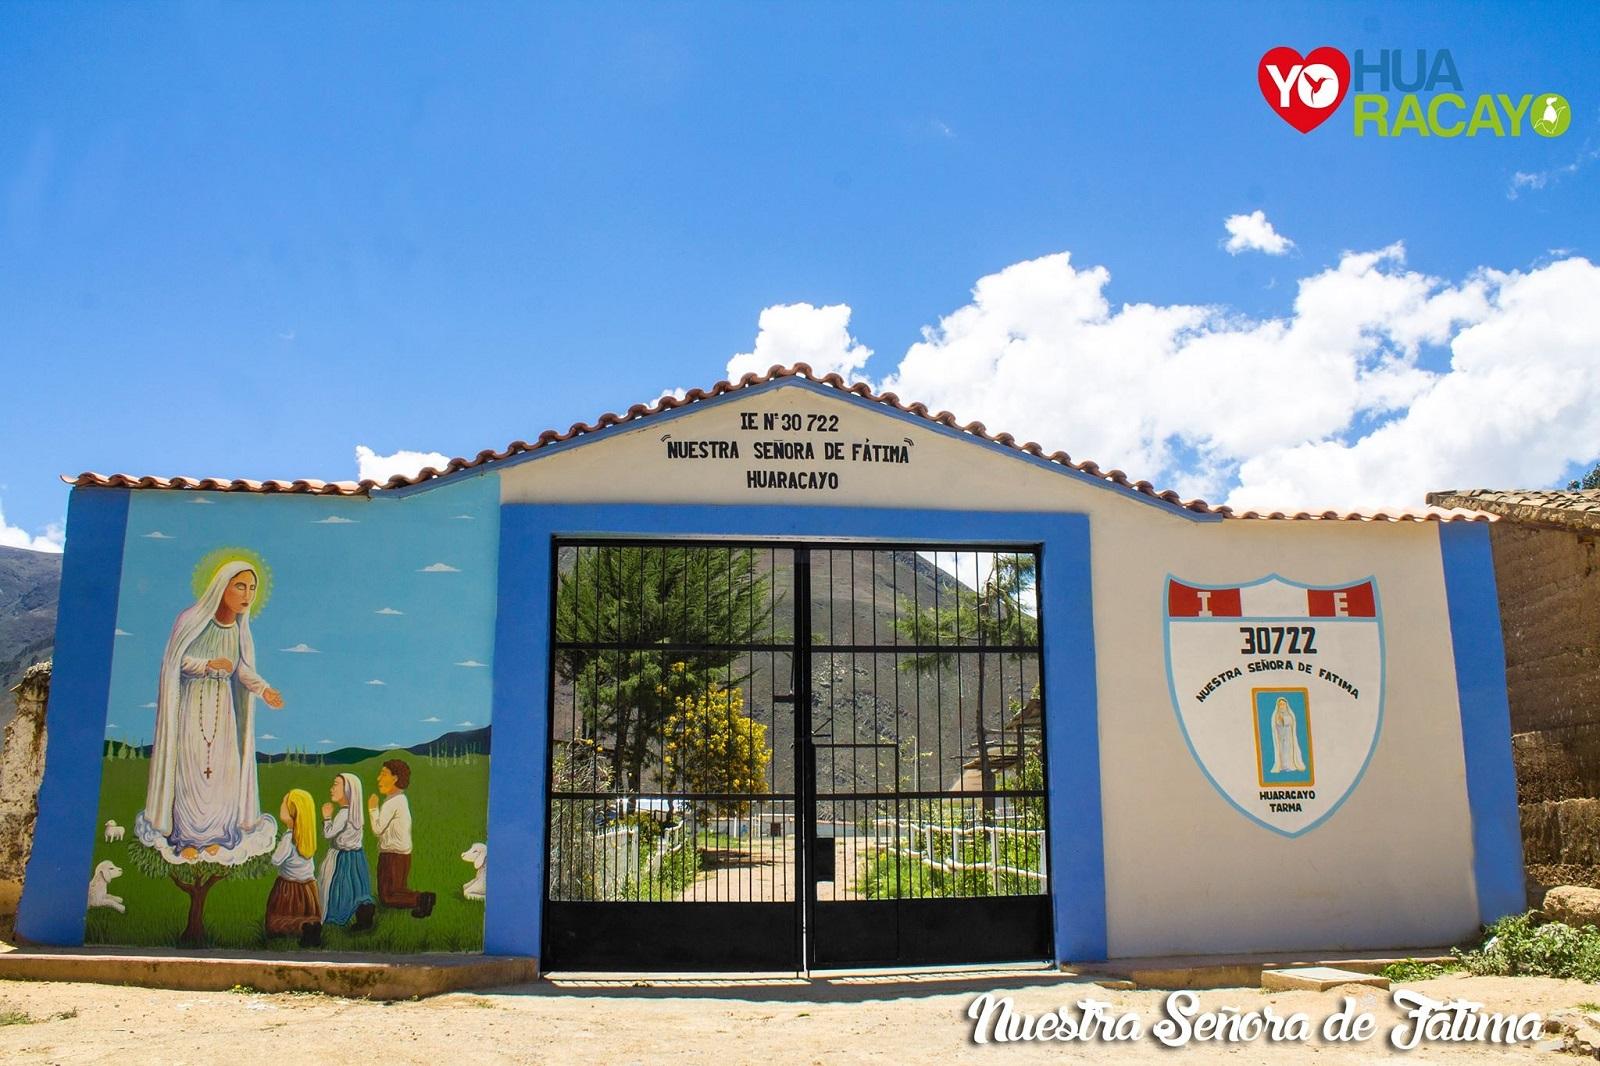 Escuela 30722 NUESTRA SEÑORA DE FATIMA - Huaracayo